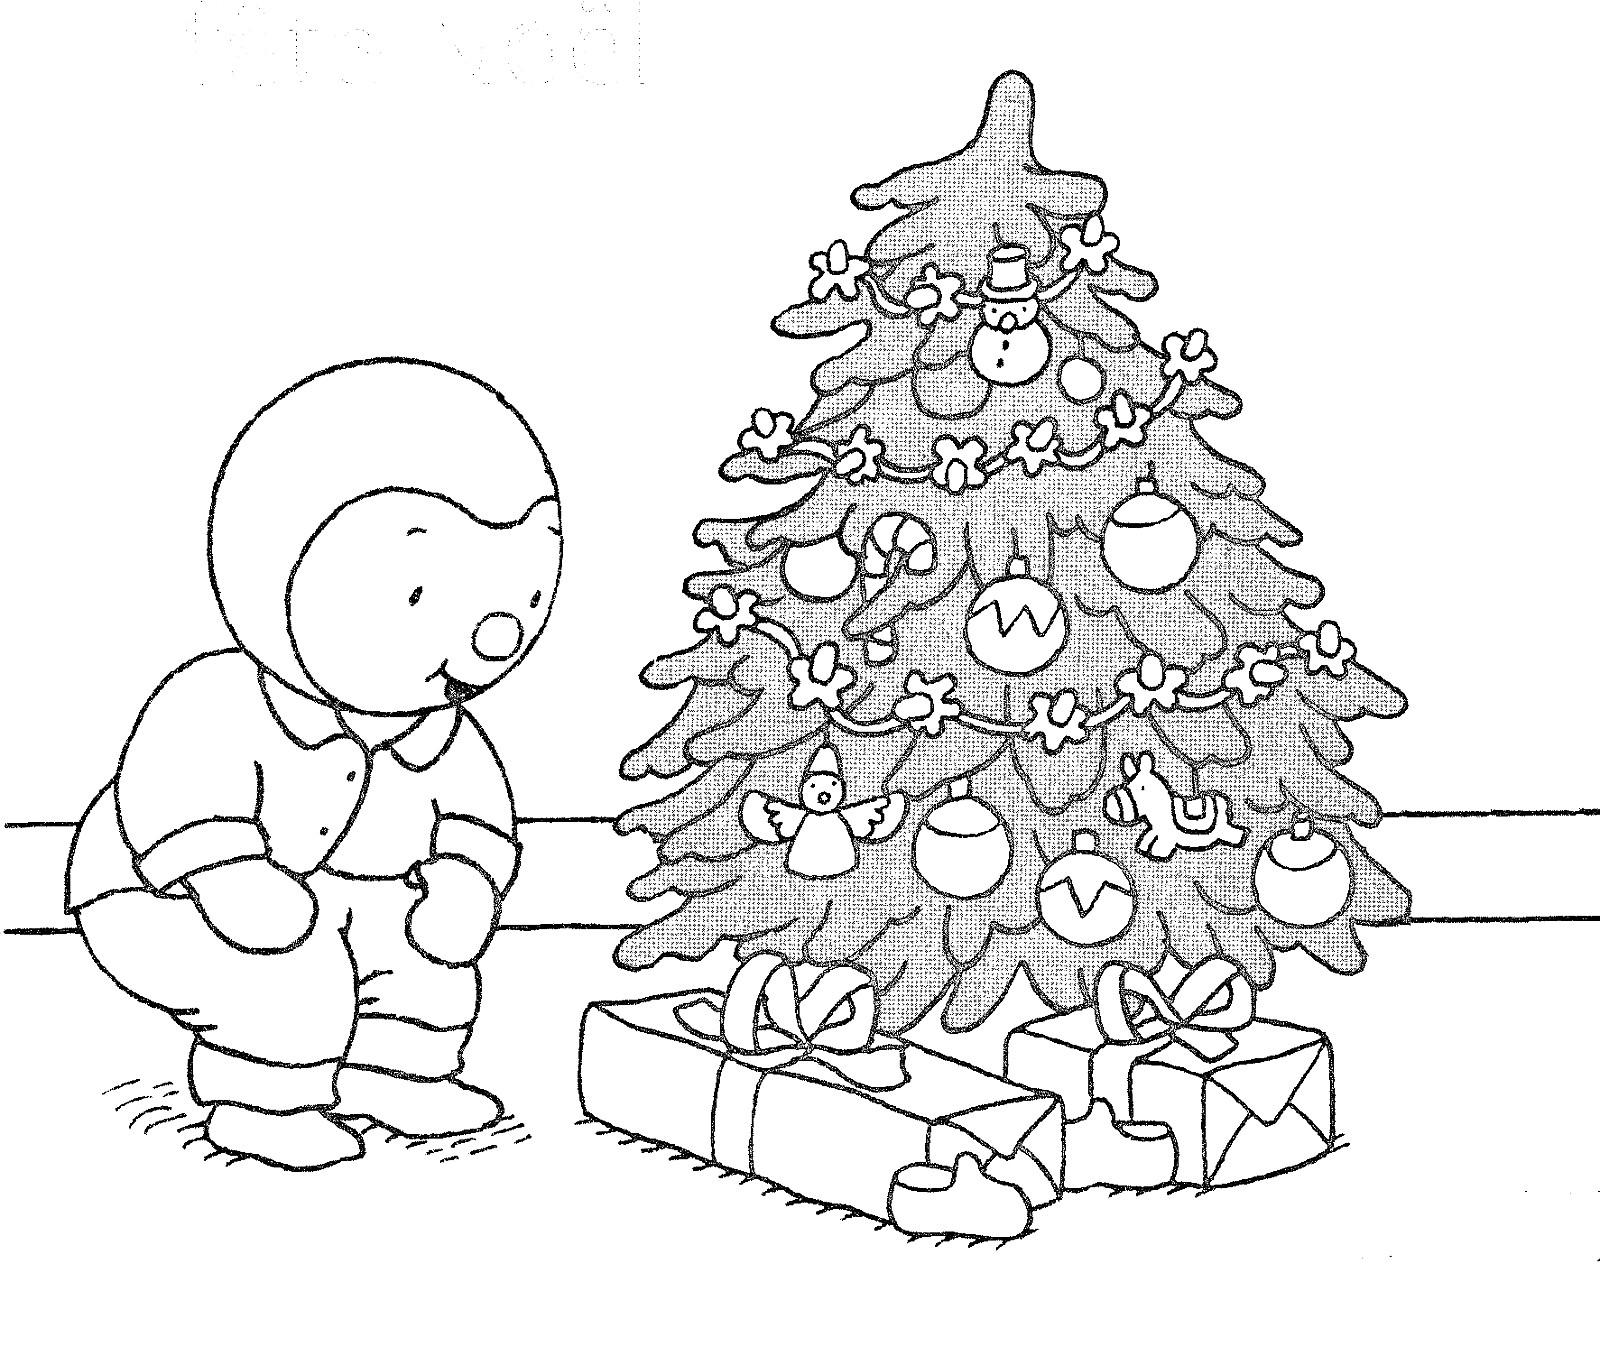 Coloriage De Sapin De Noël À Imprimer - Coloriage De Sapin à Coloriage De Sapin De Noel A Imprimer Gratuit